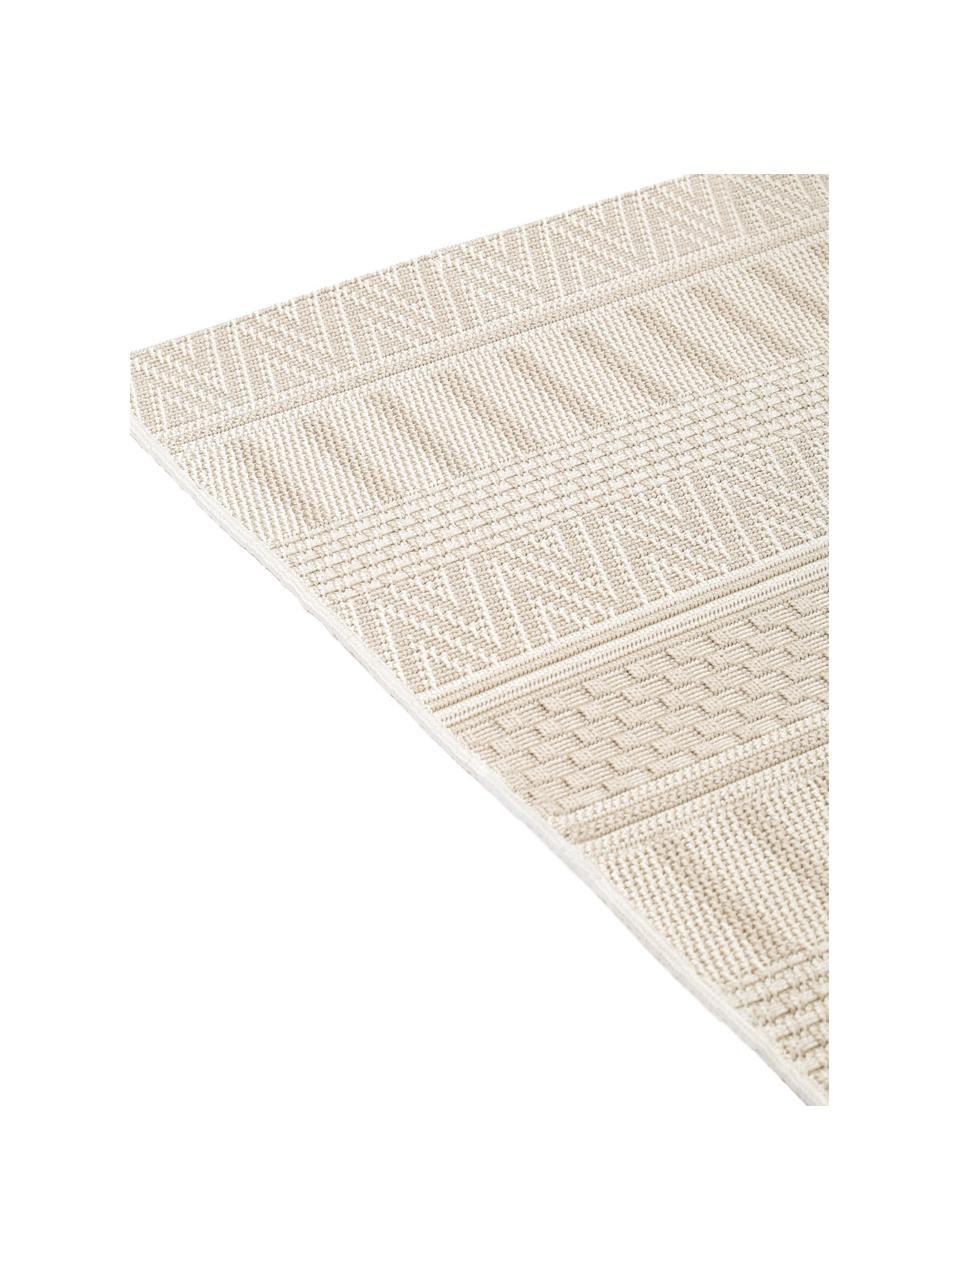 In- & outdoor vloerkleed Naoto met een subtiel  ethno patroon, 100% polypropyleen, Crèmekleurig, lichtbeige, B 200 x L 290 cm (maat L)